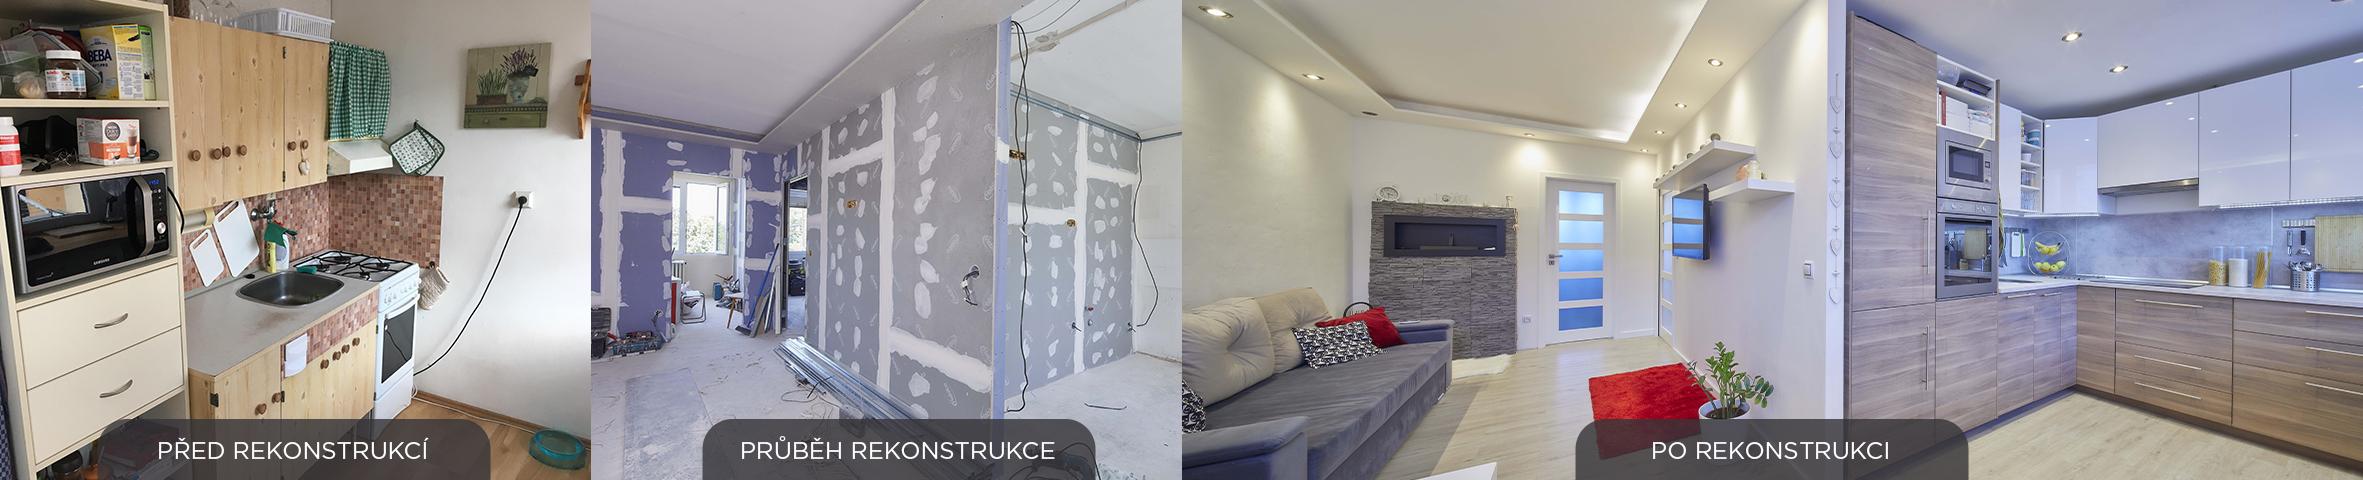 kompletní rekonstrukce panelakoveho bytu - Lastovickovi